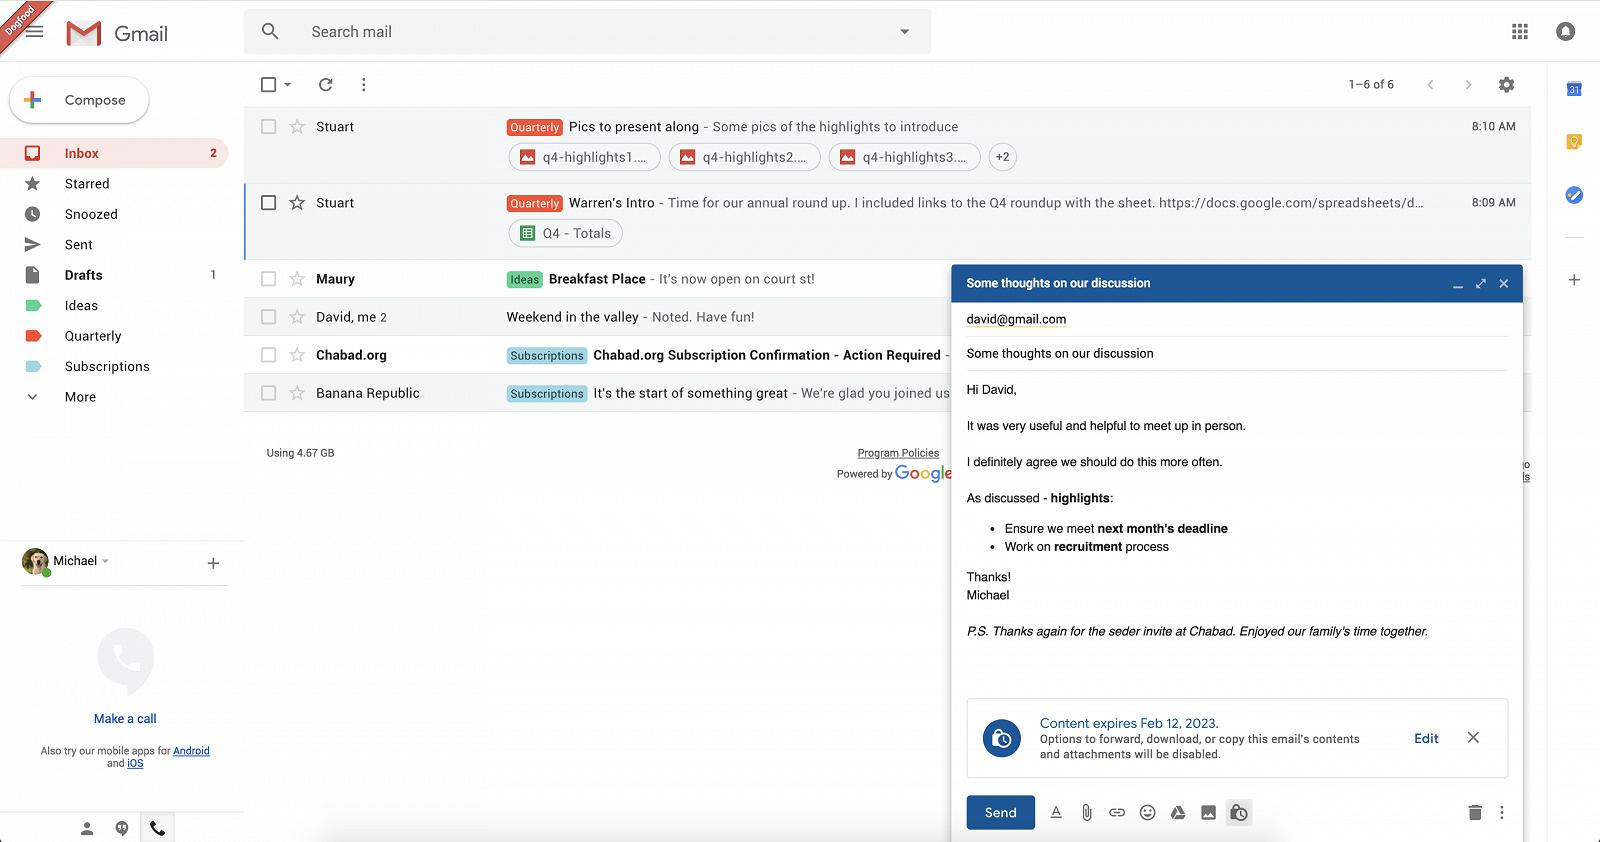 Google запланировала масштабный редизайн почты Gmail